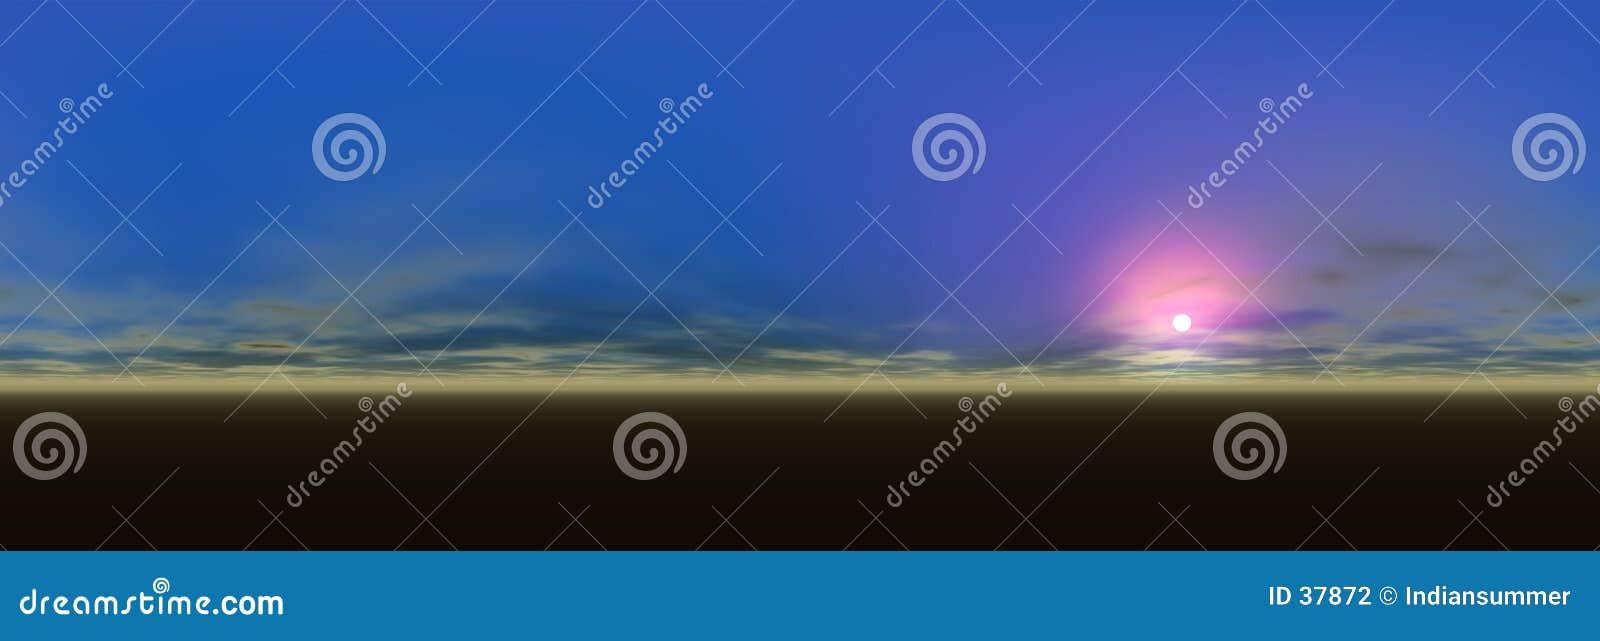 Panoramische landschapsmening